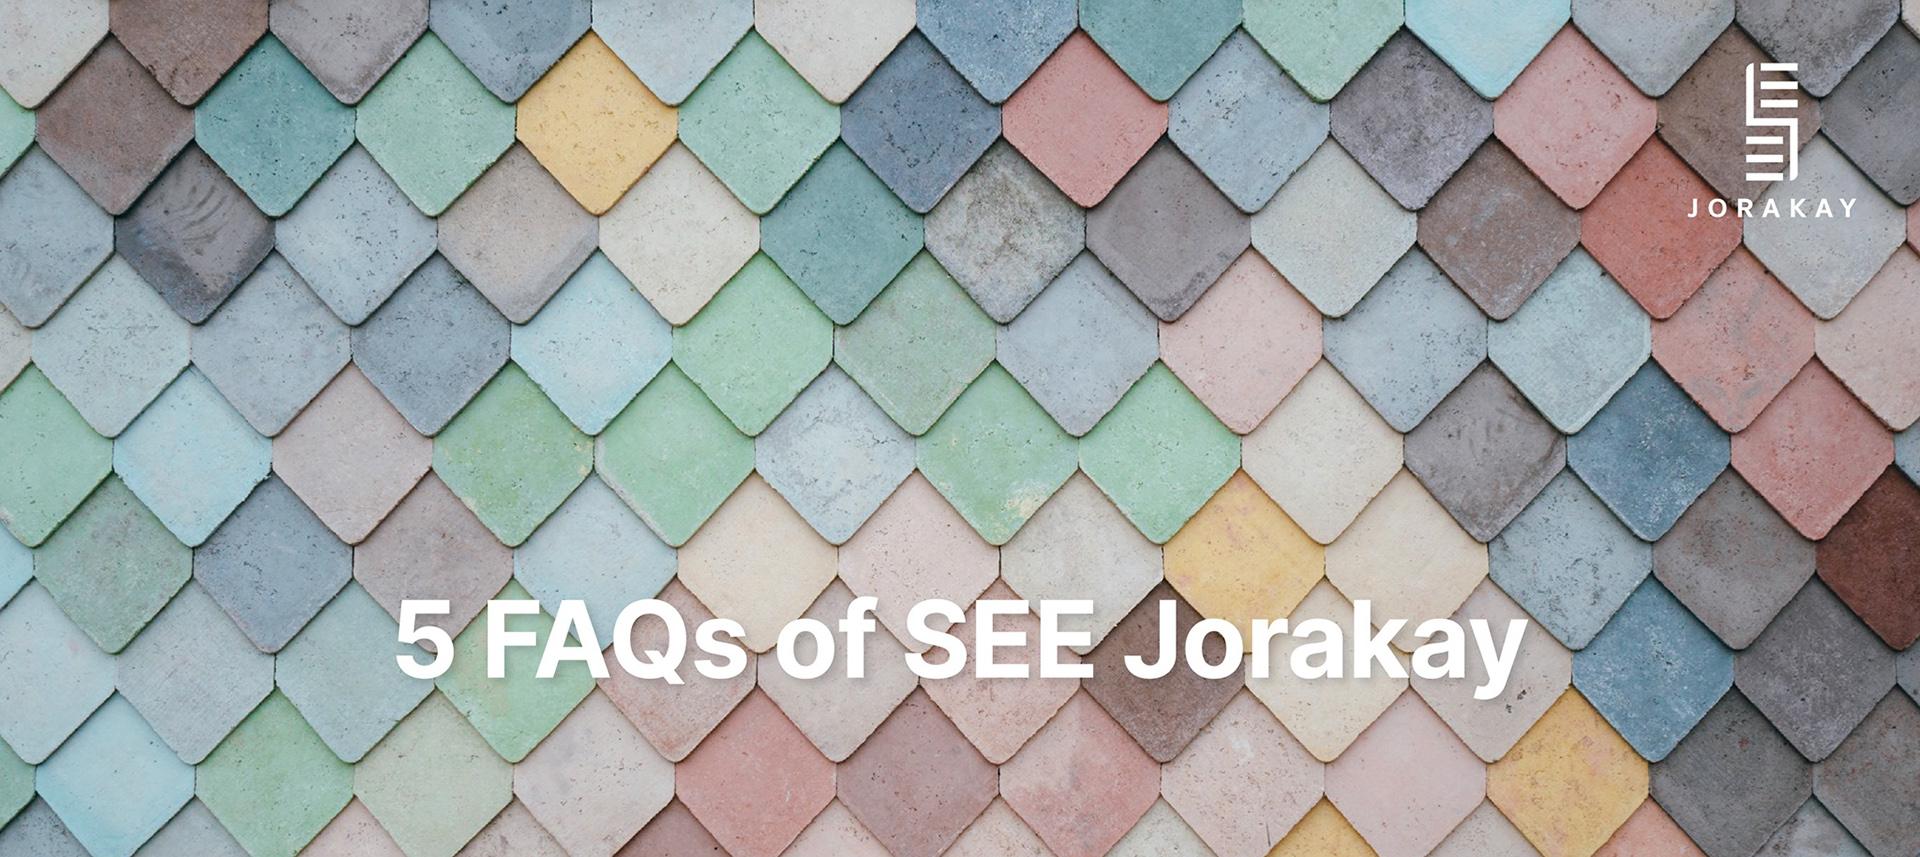 5FAQ About SeeJorakay